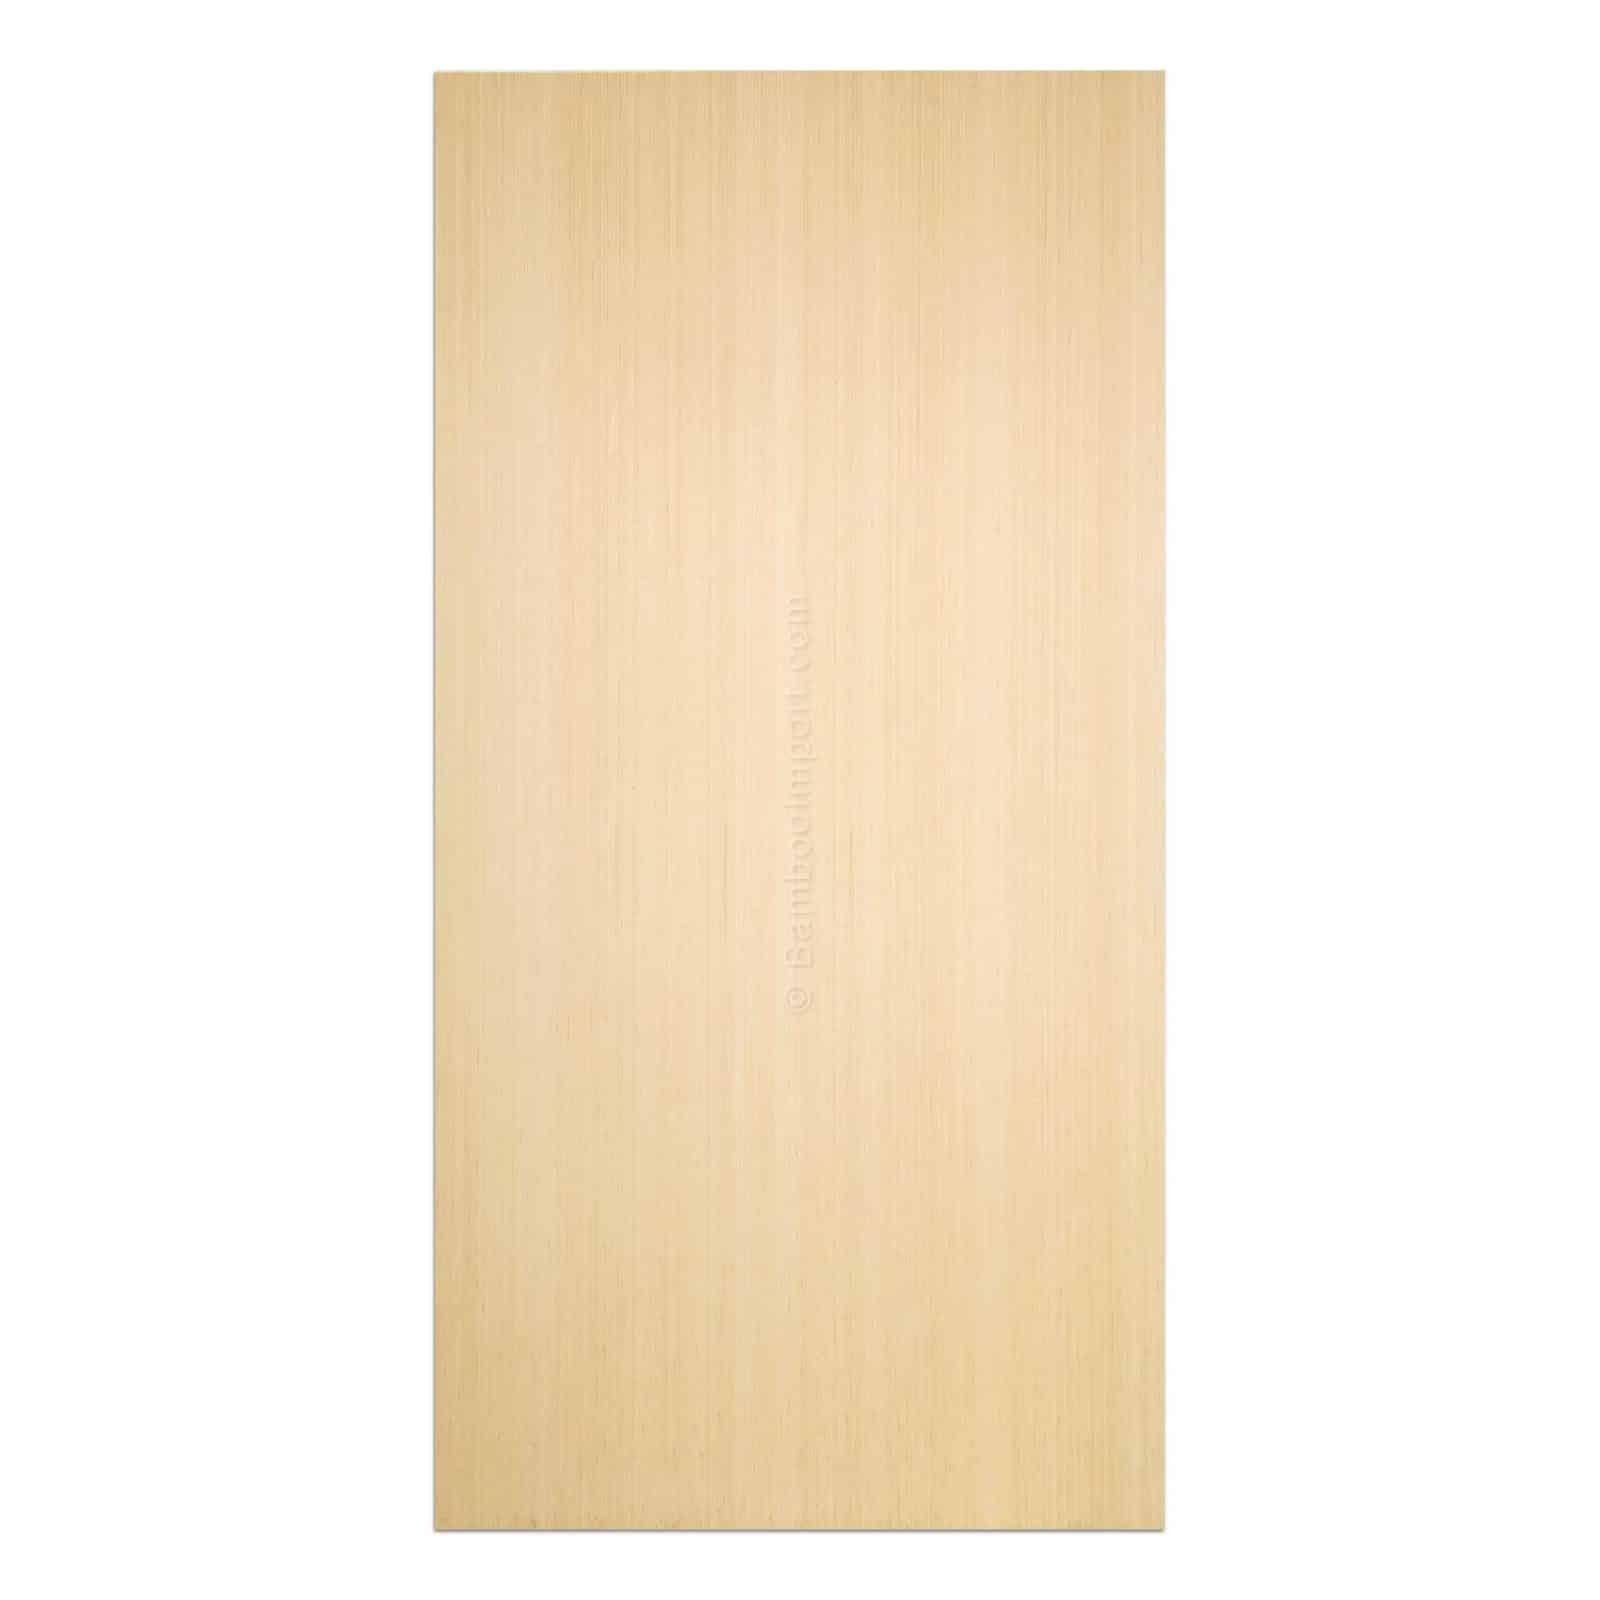 bamboe-plaat-naturel-5-laags-verticaal-geperst-2440-1220-20-mm